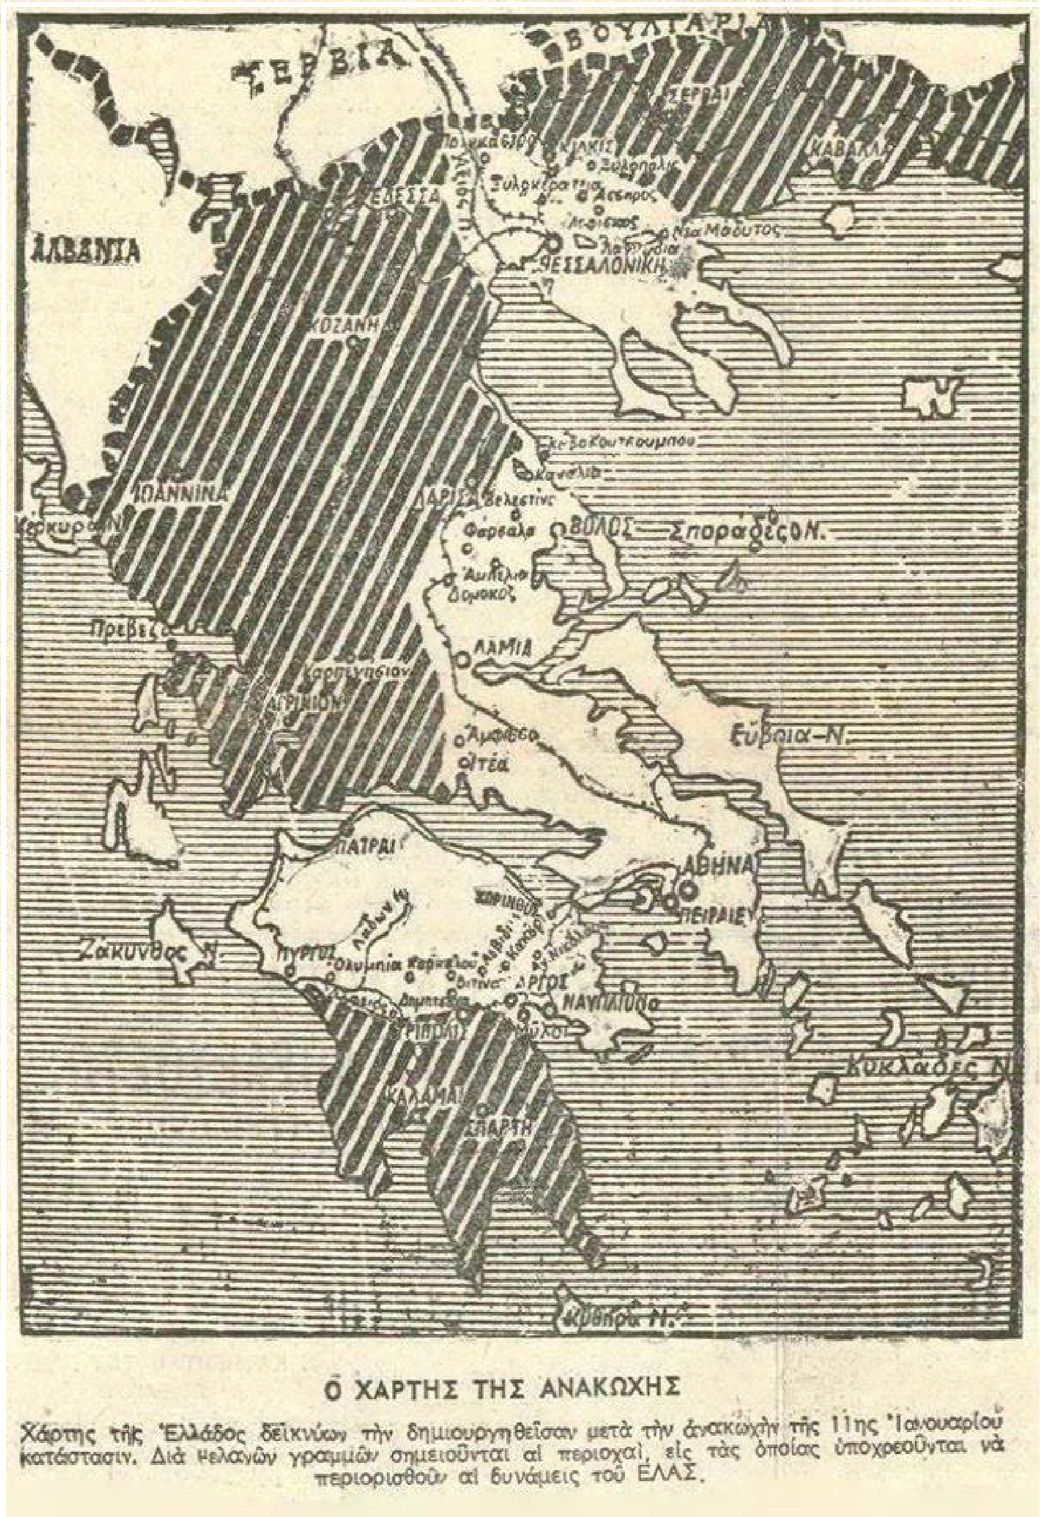 Χάρτης από την εφημερίδα «Ελευθερία», στις 16 Ιανουαρίου 1945